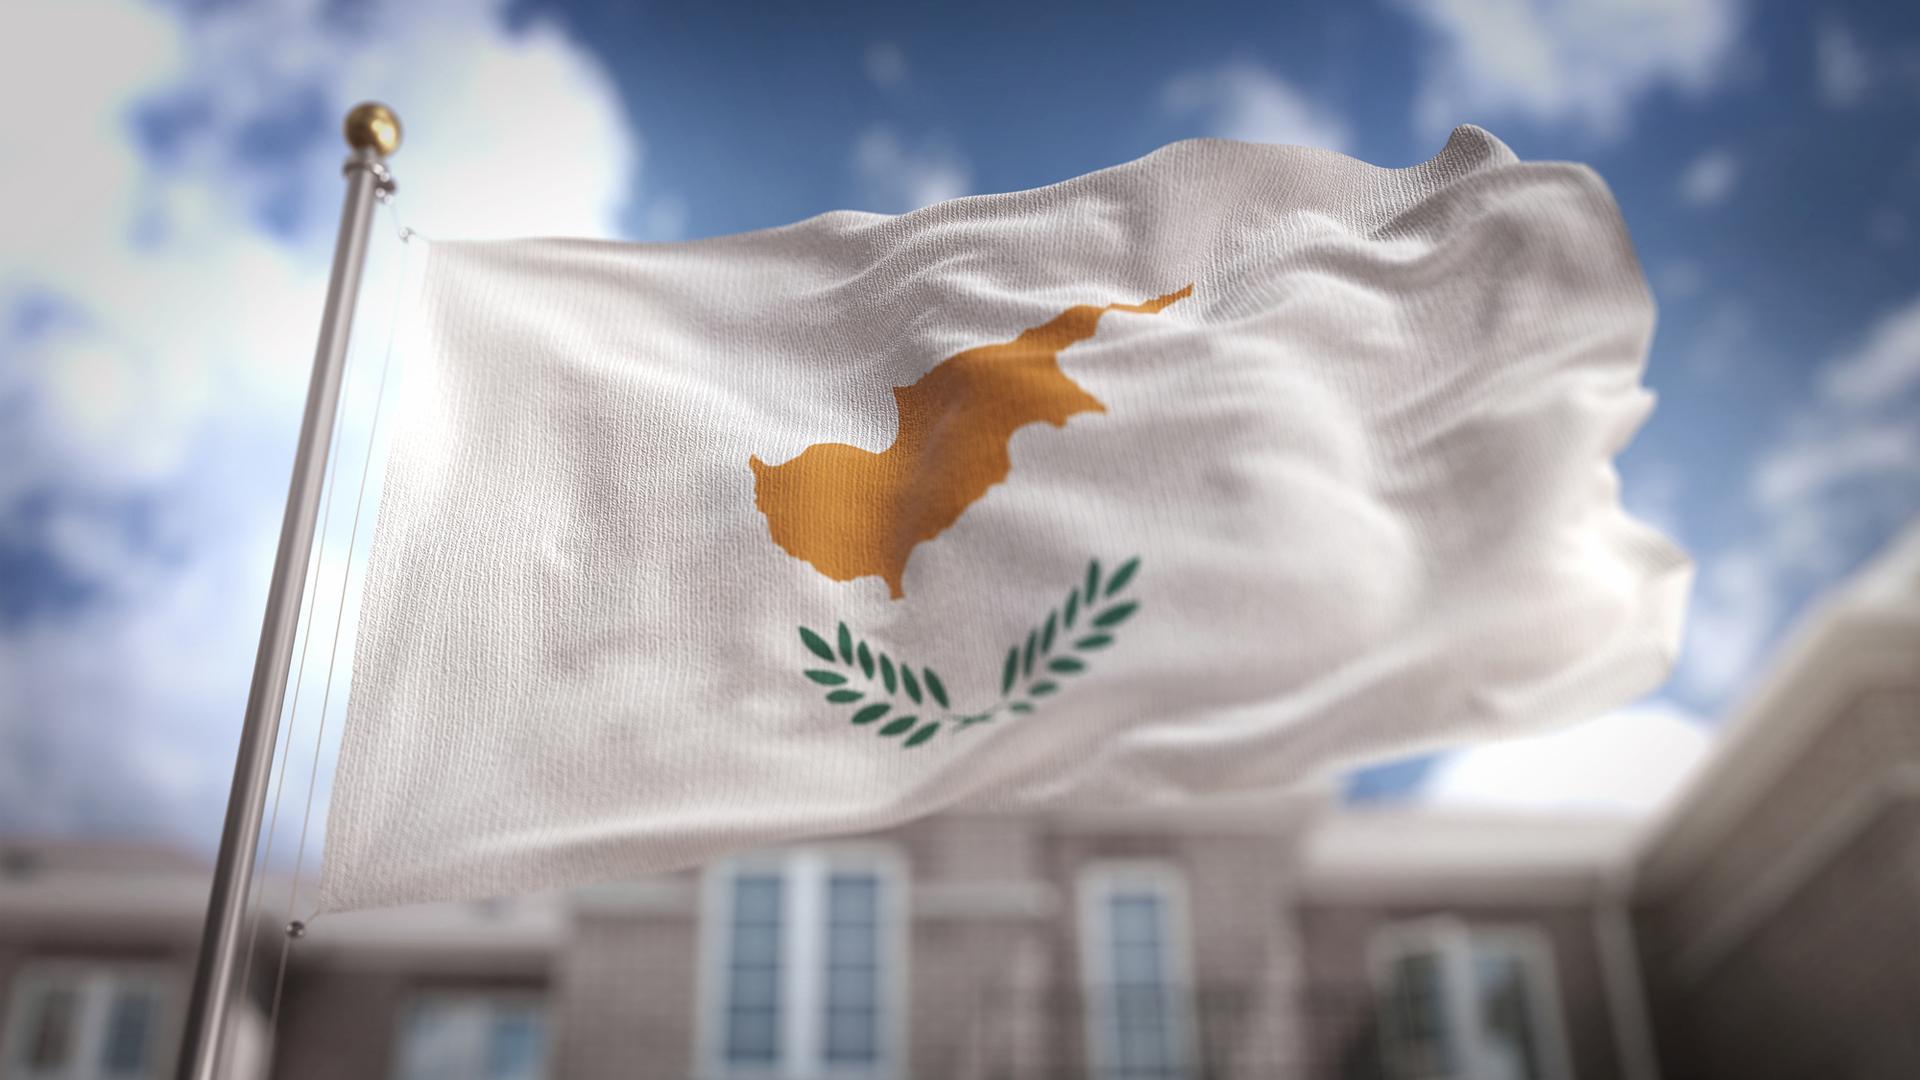 Gestación subrogada en Chipre: lo que necesita saber